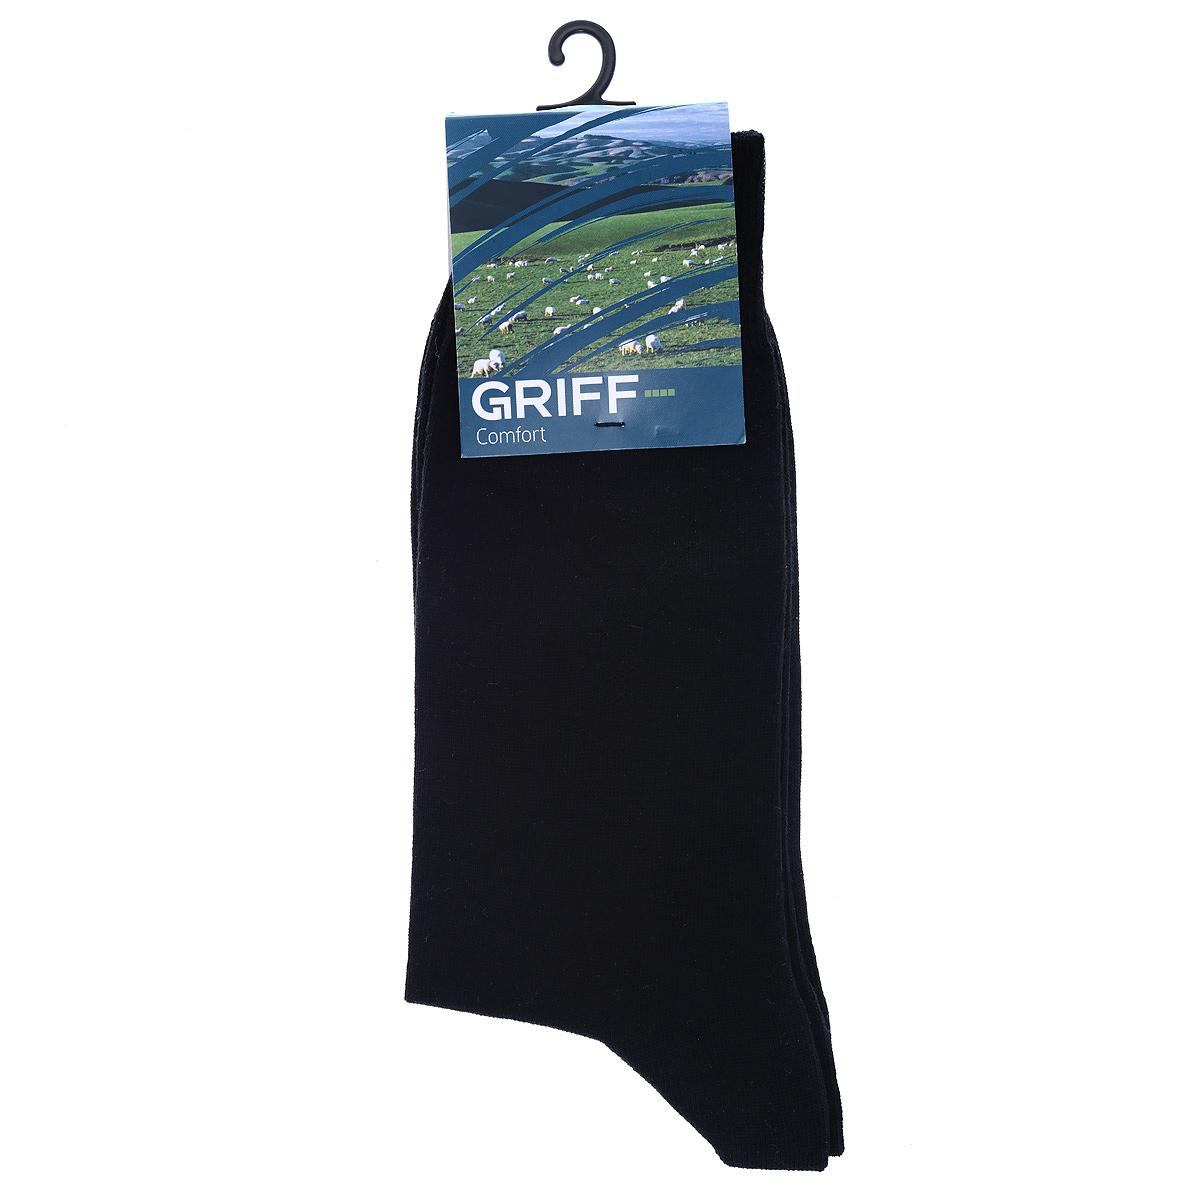 Носки мужские Griff Comfort, цвет: черный. М2. Размер 42/44М2Мужские носки Griff Comfort с удлиненным паголенком изготовлены из высококачественного волокна - хлопок SeaCell. Комфортная широкая резинка пресс-контроль не сдавливает и комфортно облегает ногу. Обладают повышенной прочностью, благодаря усиленной